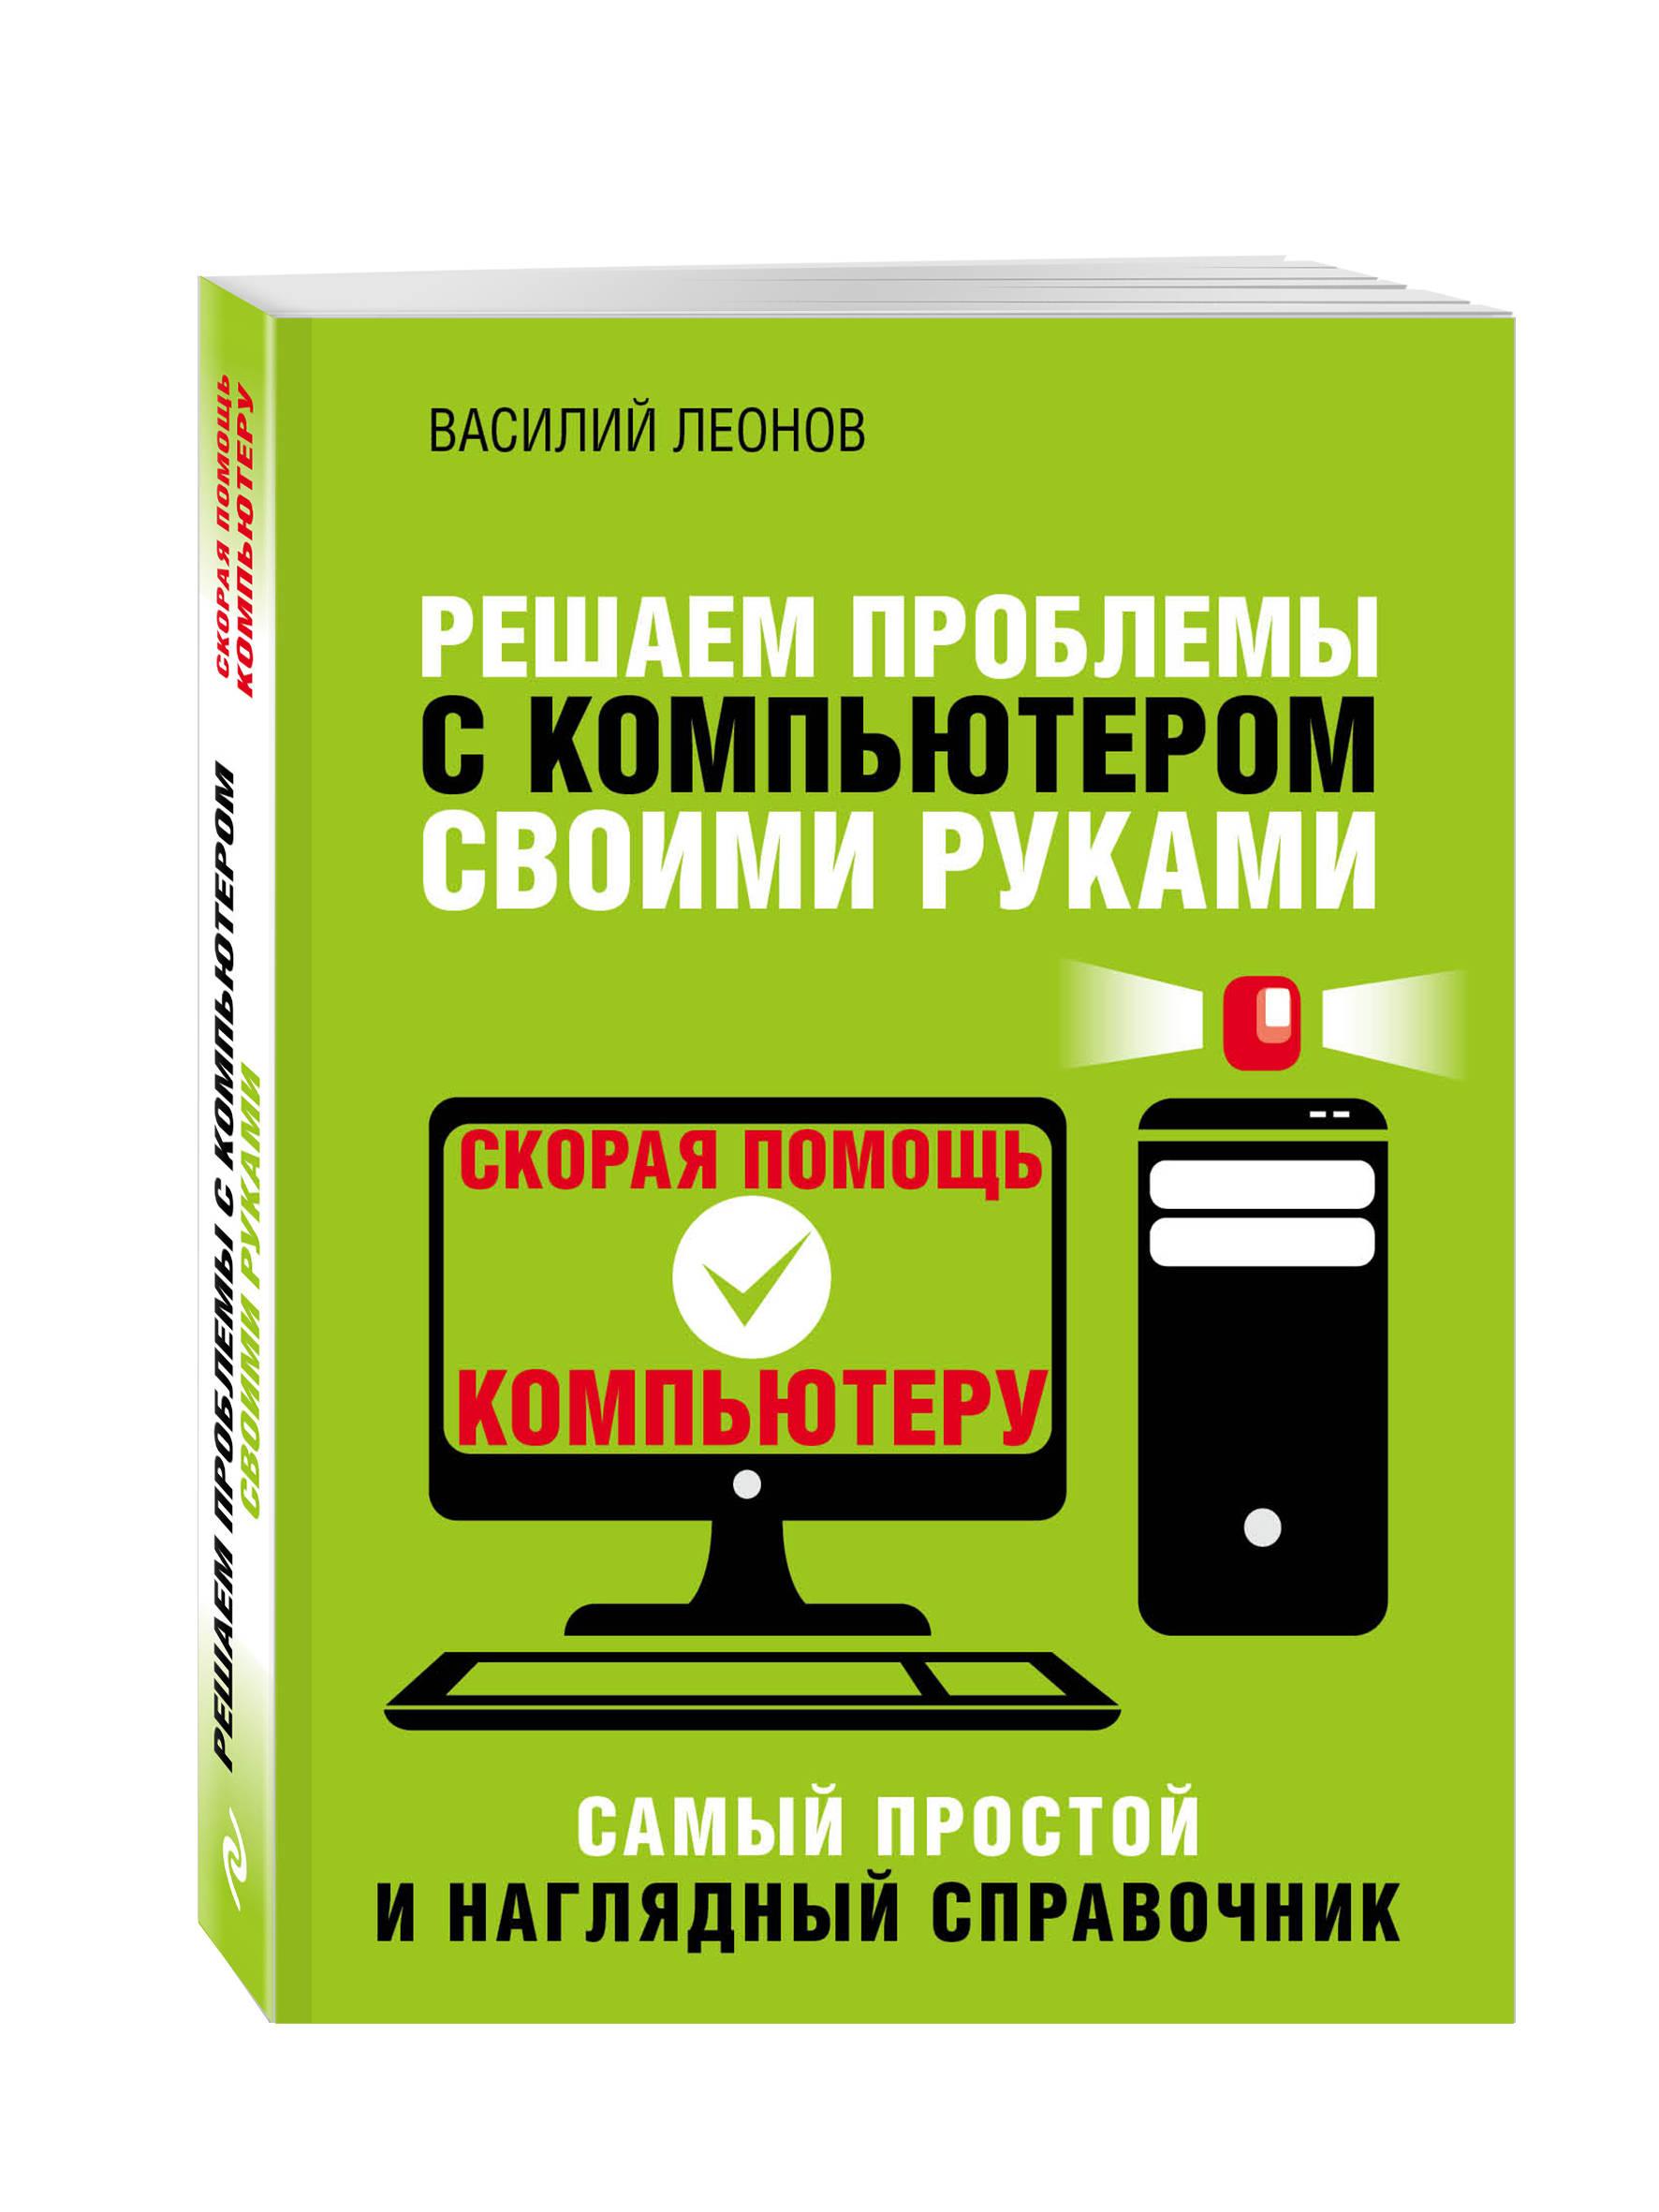 Решаем проблемы с компьютером своими руками ( Леонов В.  )